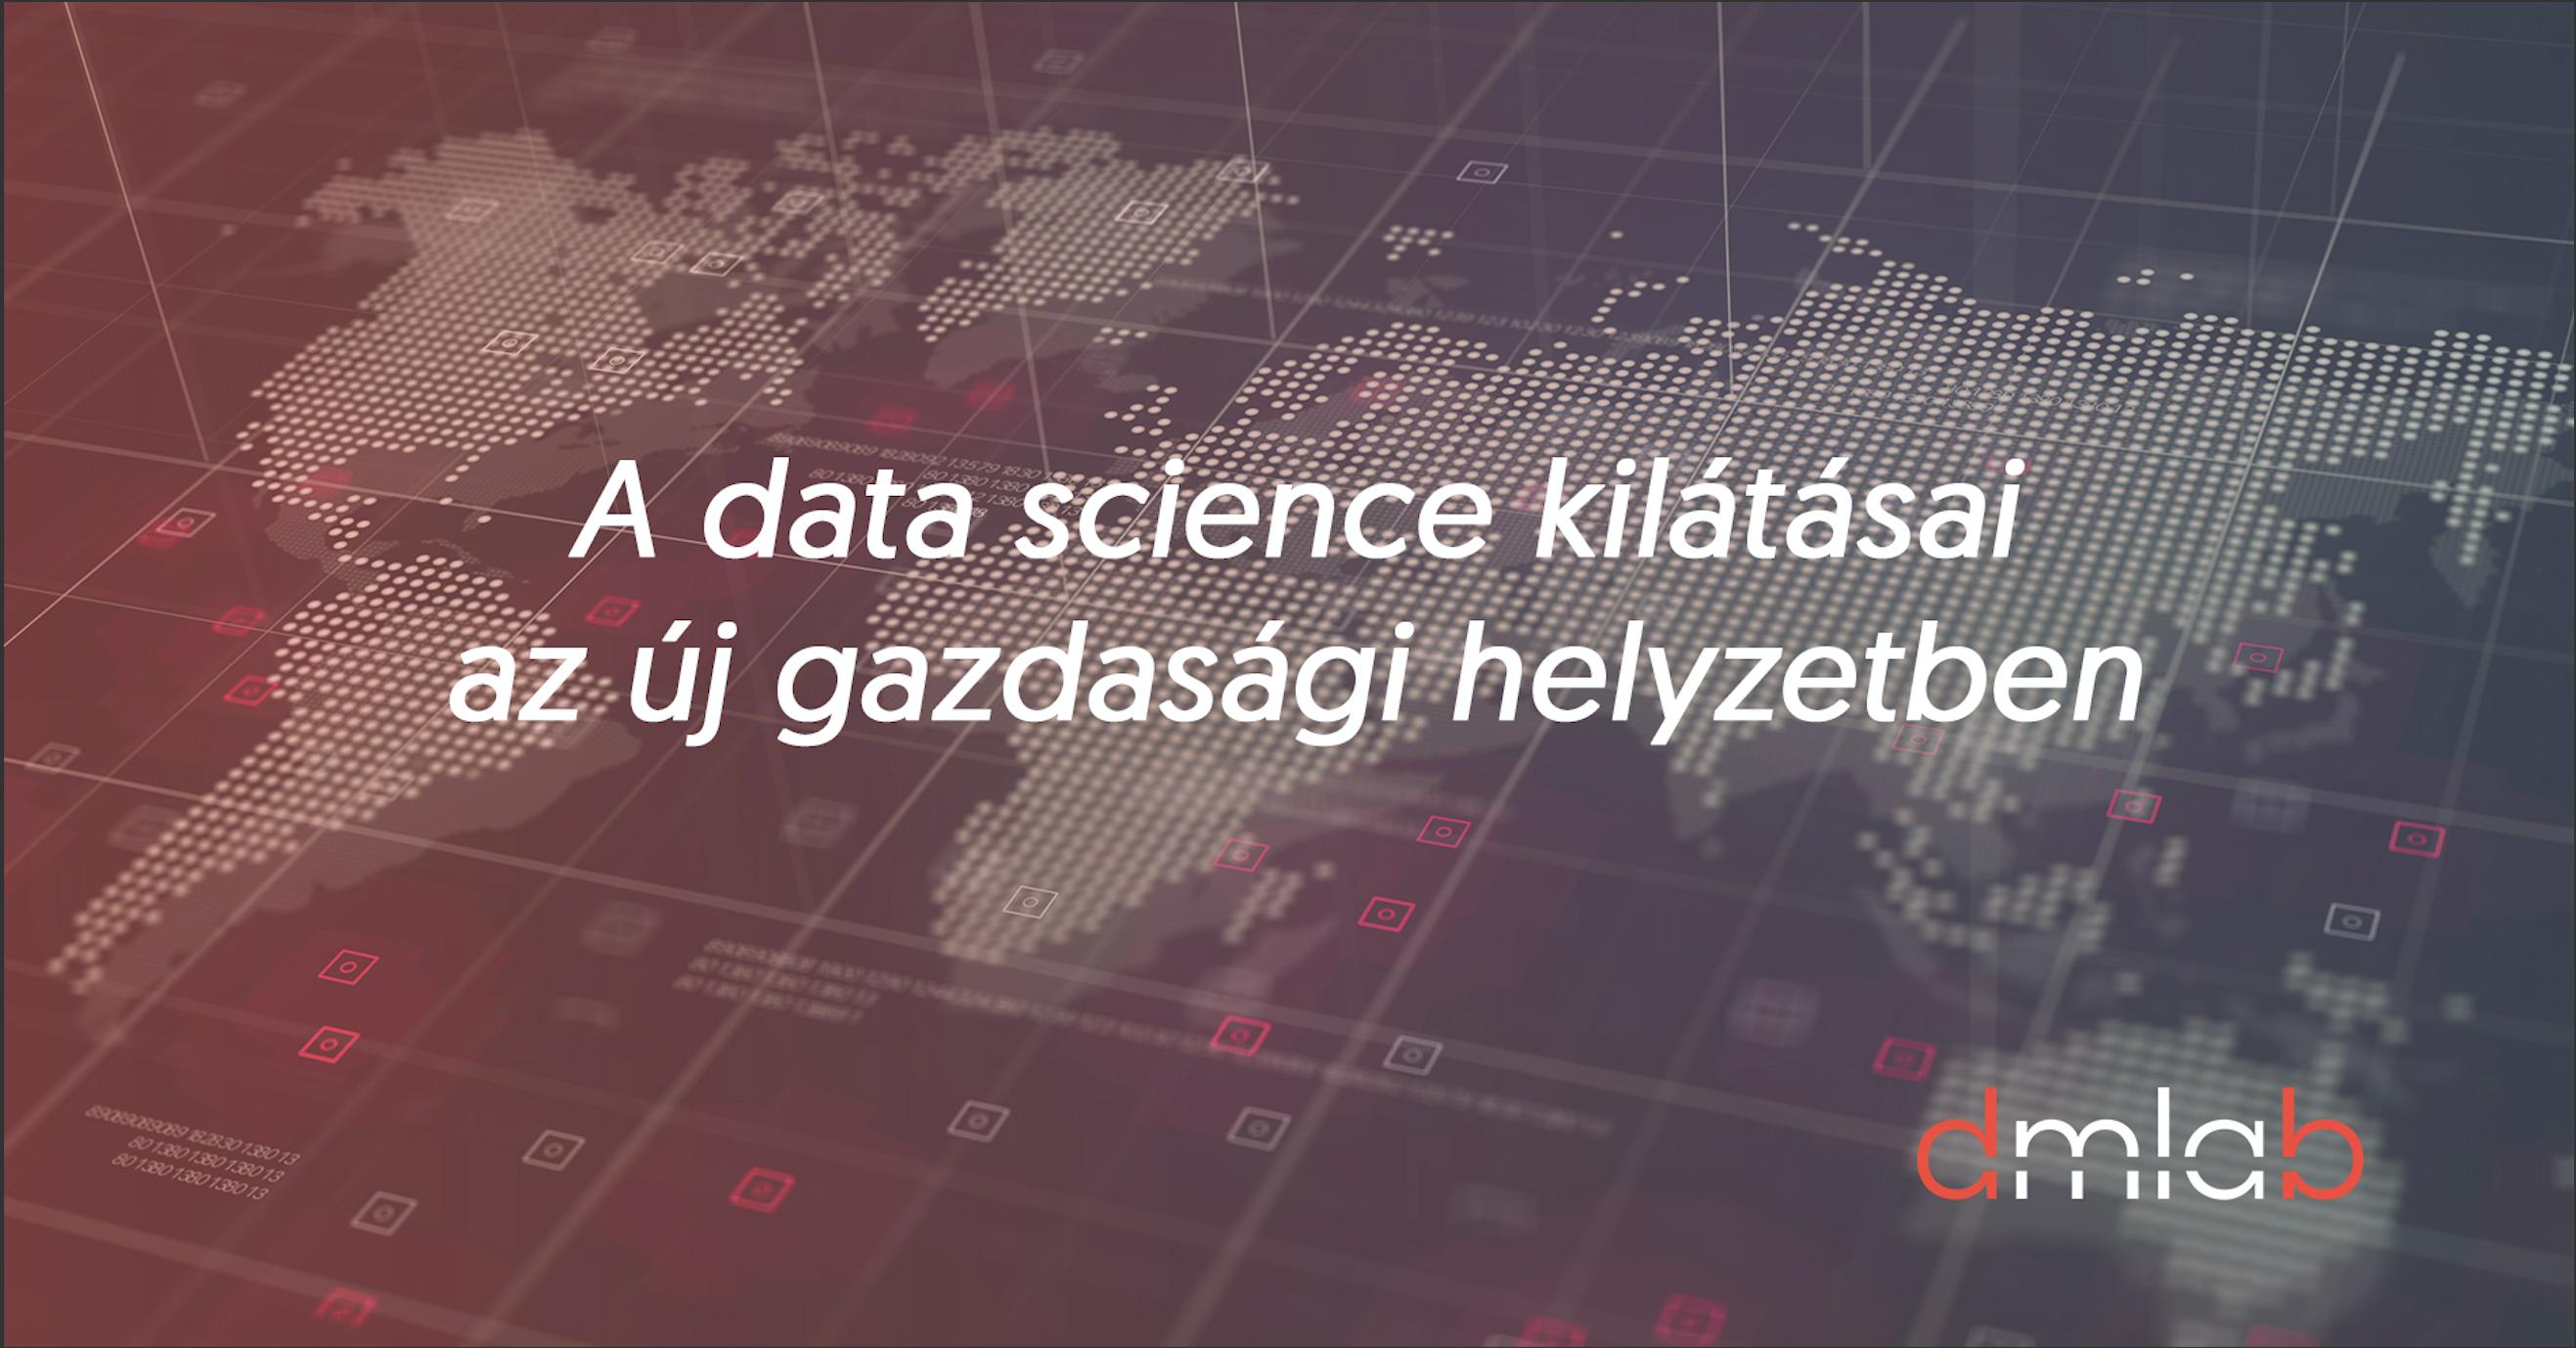 a_data_science_kila_ta_sai_az_u_j_gazdasa_gi_helyzetben_4.png